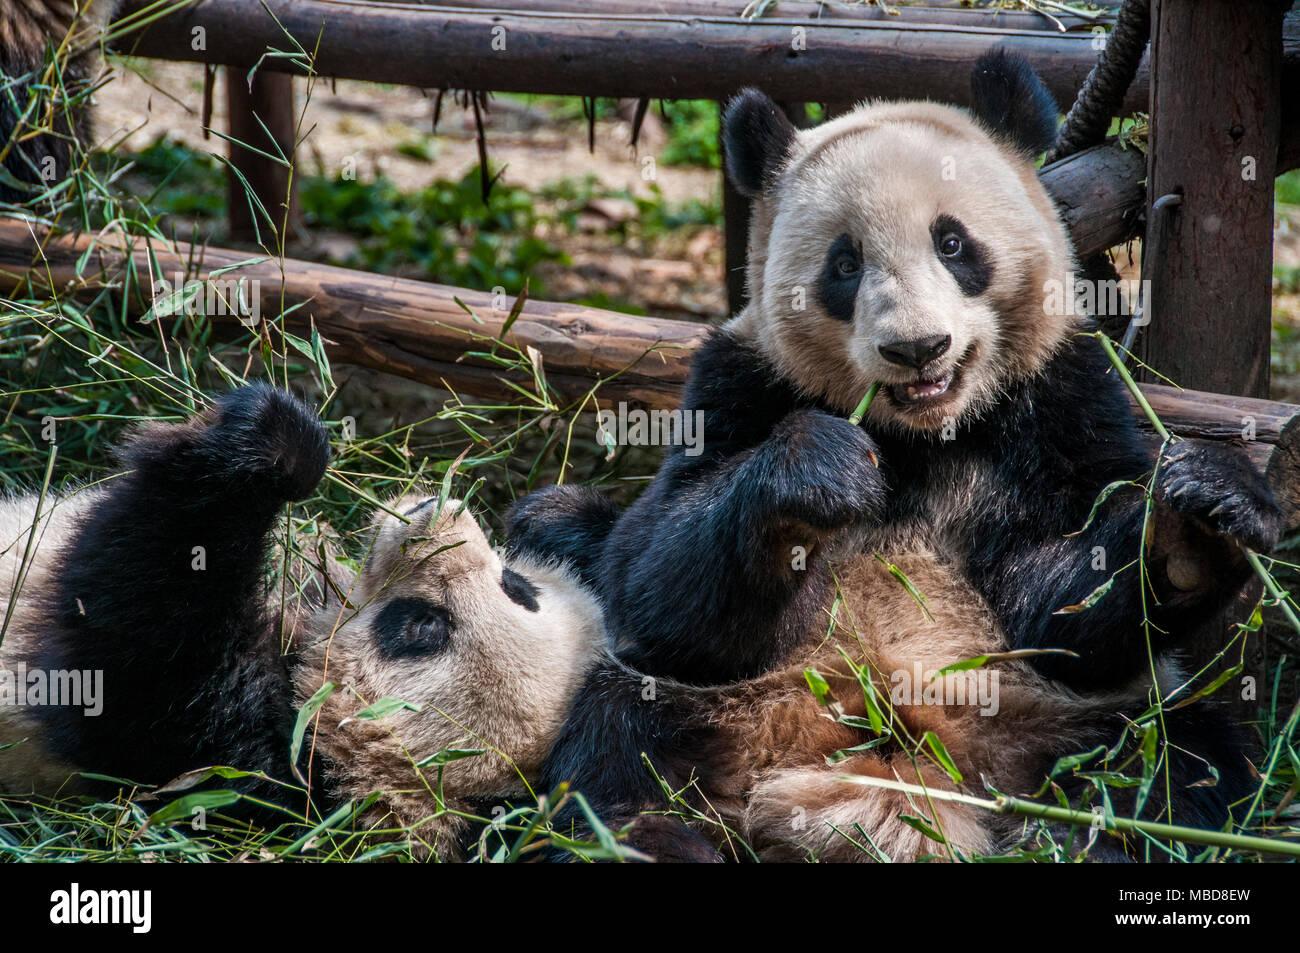 Un panda géant dans un boîtier à base de recherche de Chengdu de reproduction du panda géant en Chine Photo Stock